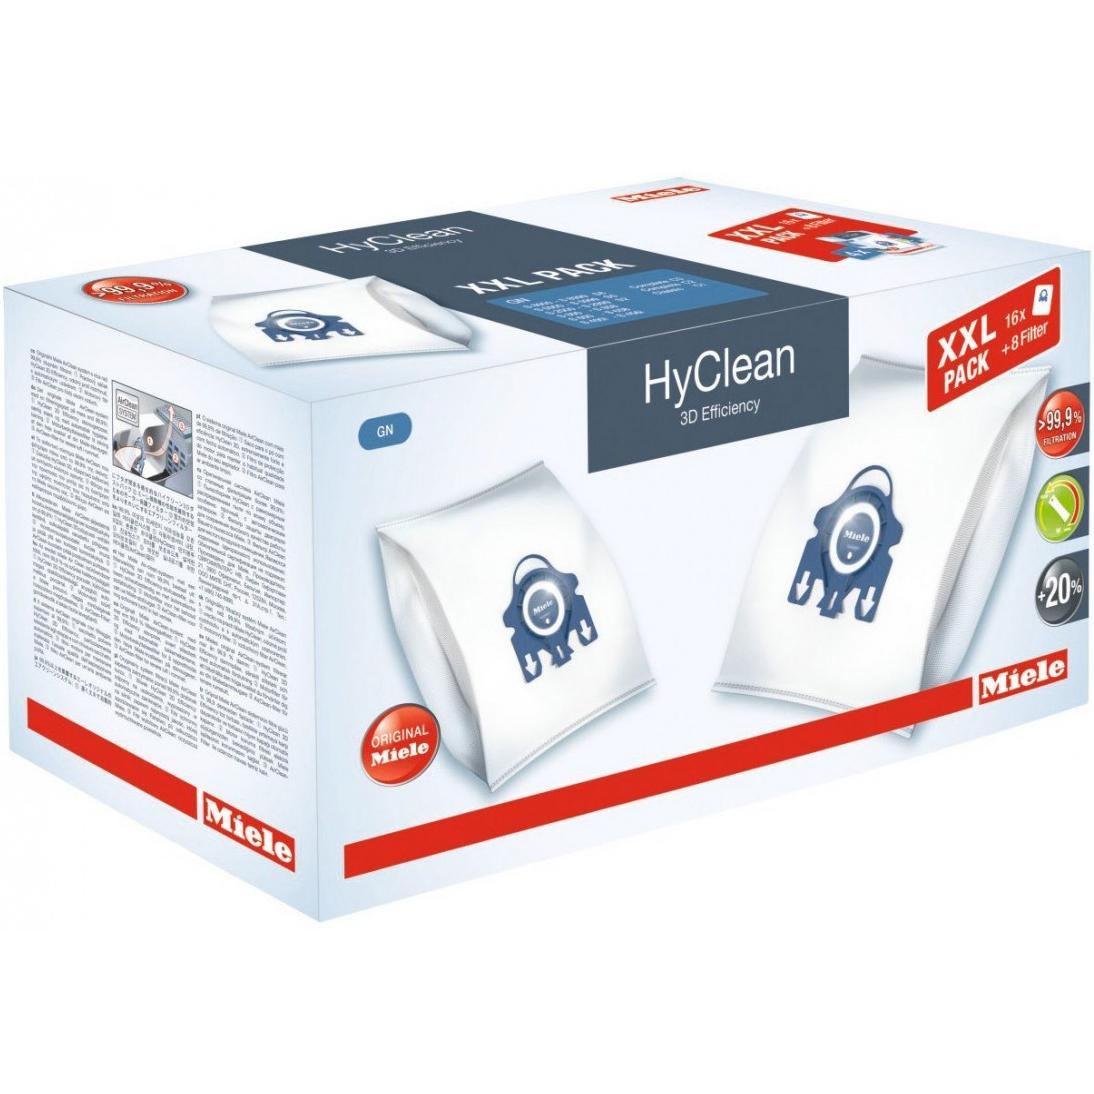 Набор мешков Miele GN XXL HyClean 3D Efficiency фото